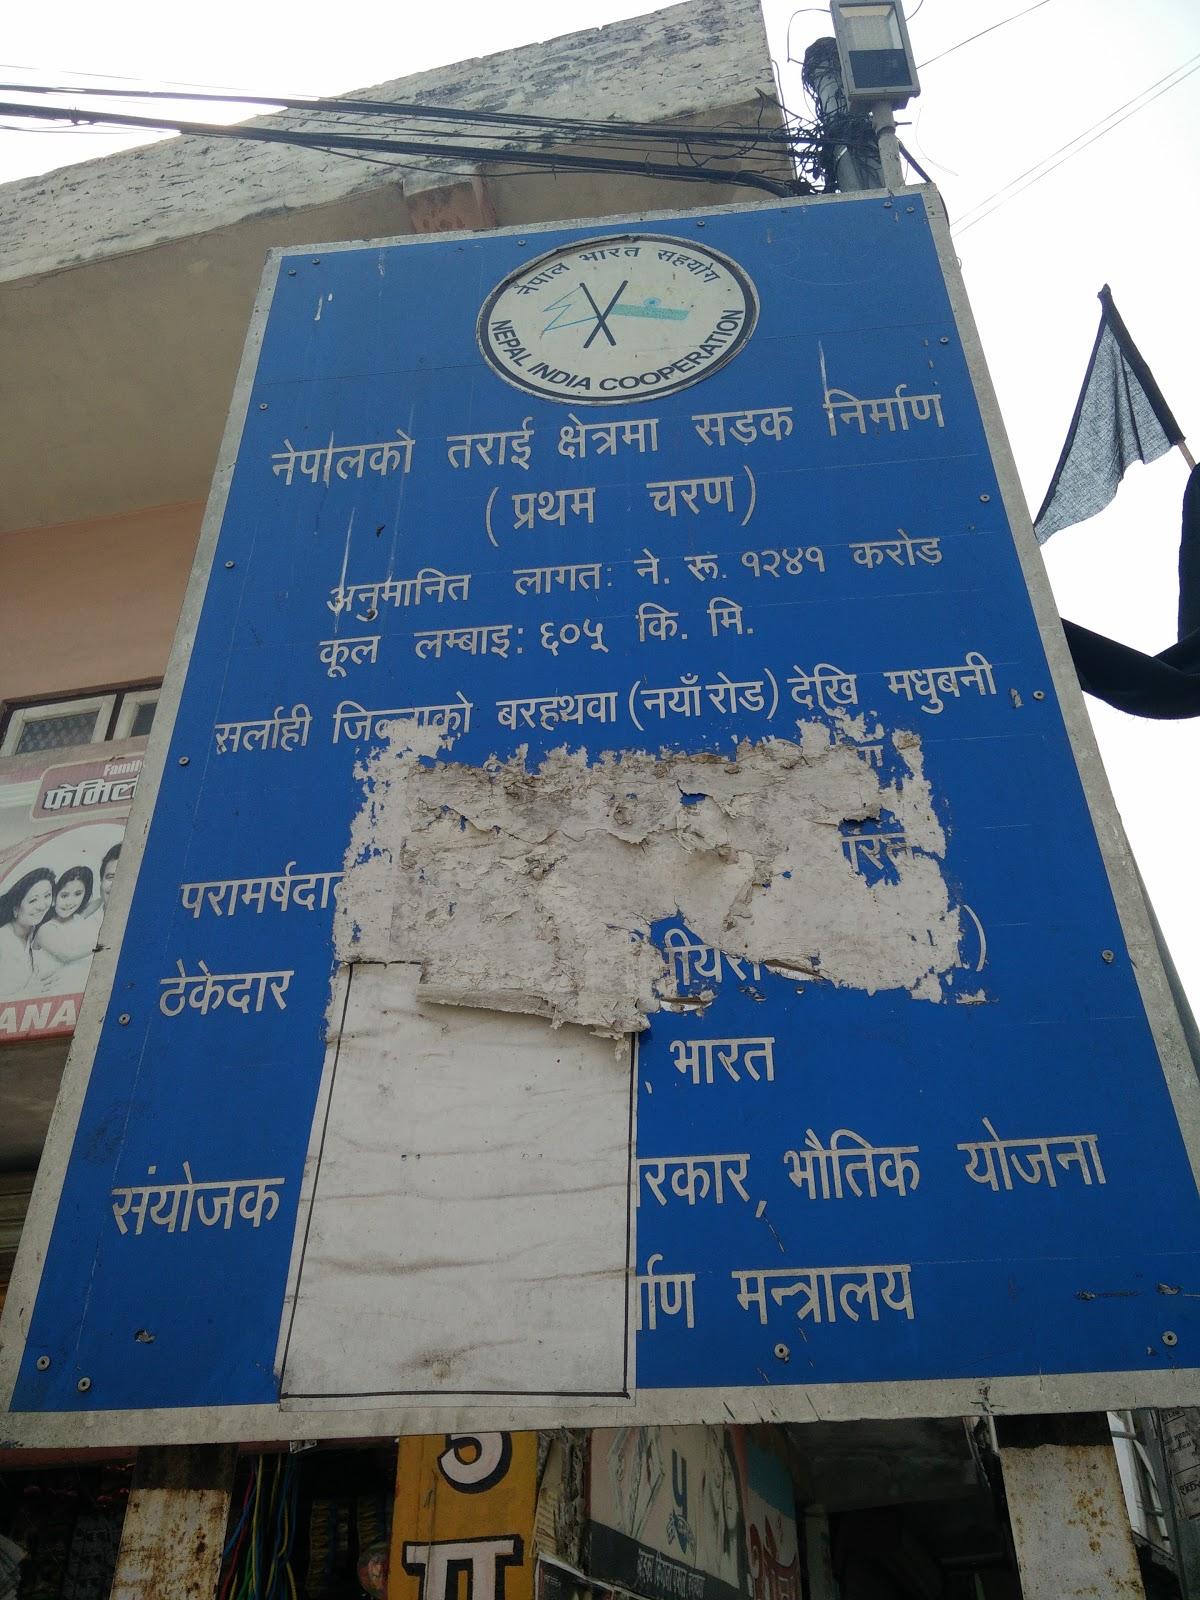 Barahathawa Road Network